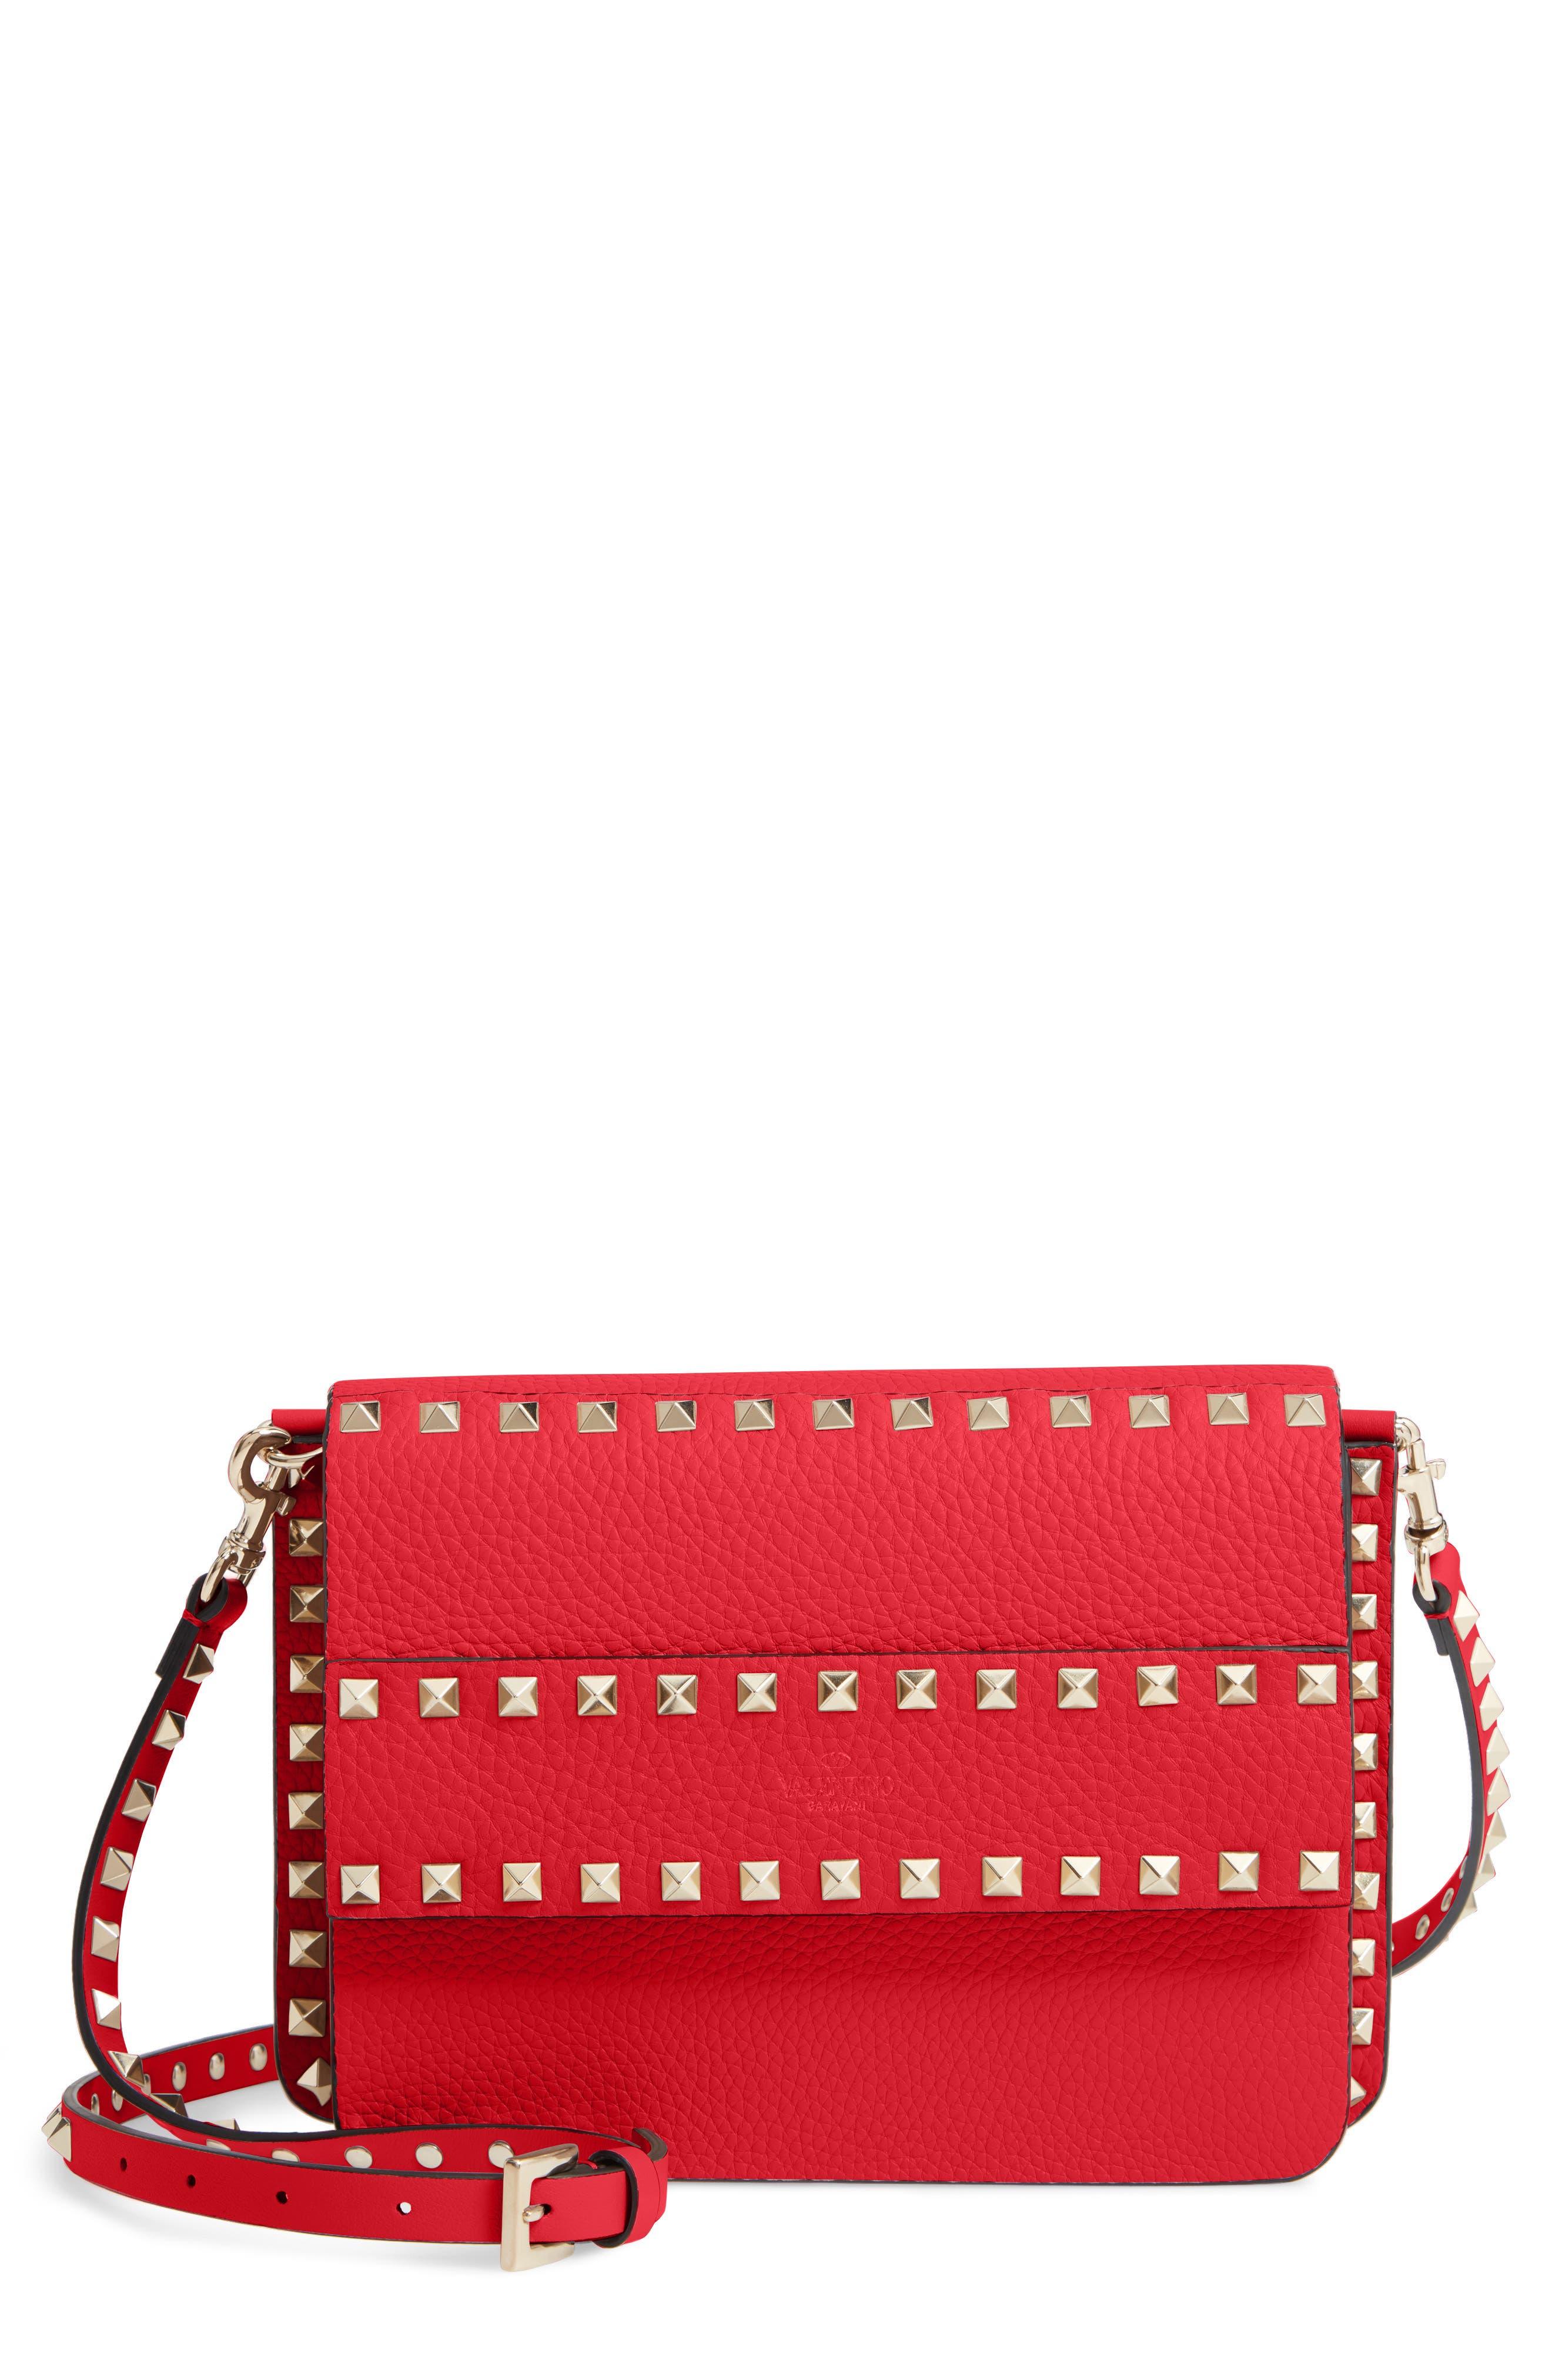 Valentino Garavani Small Rockstud Calfskin Leather Shoulder Bag | Nordstrom